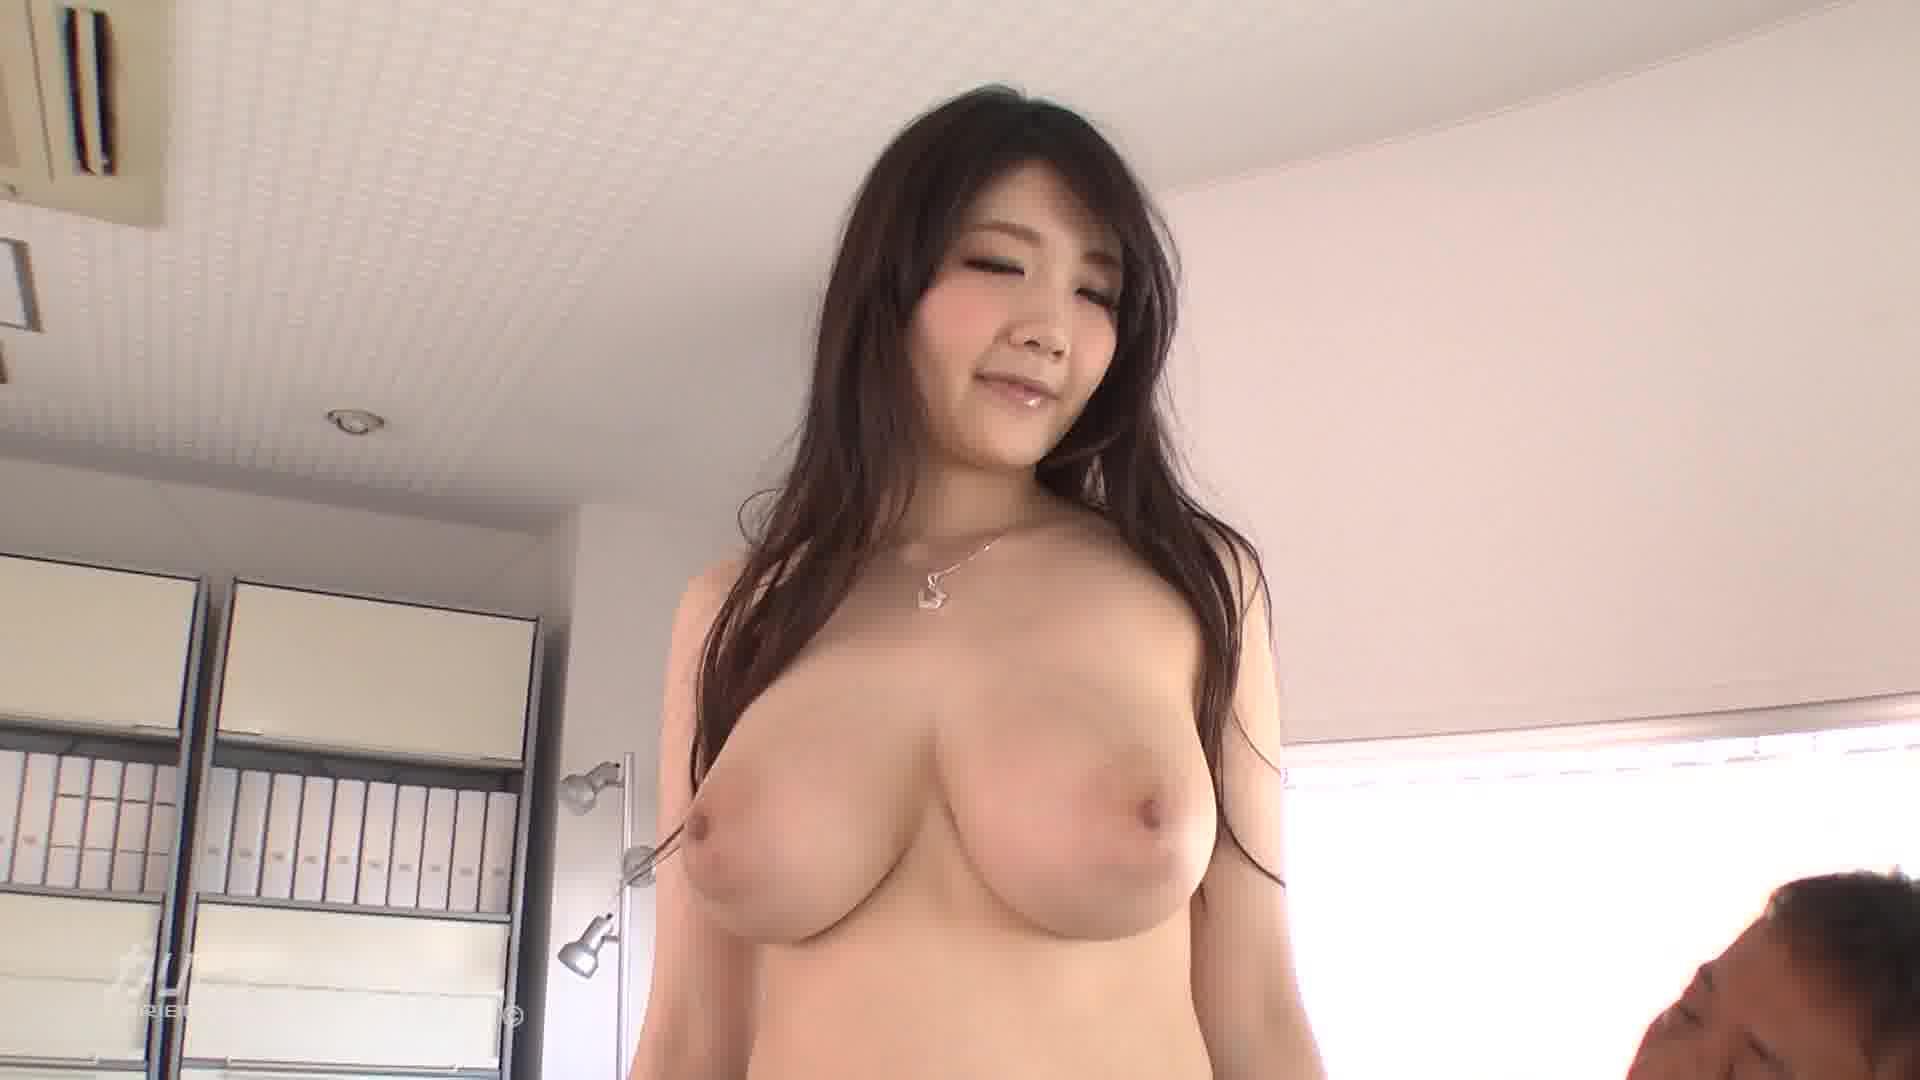 おっぱいの女神 ~パイズリ名人~ - 立川理恵【痴女・巨乳・パイズリ】